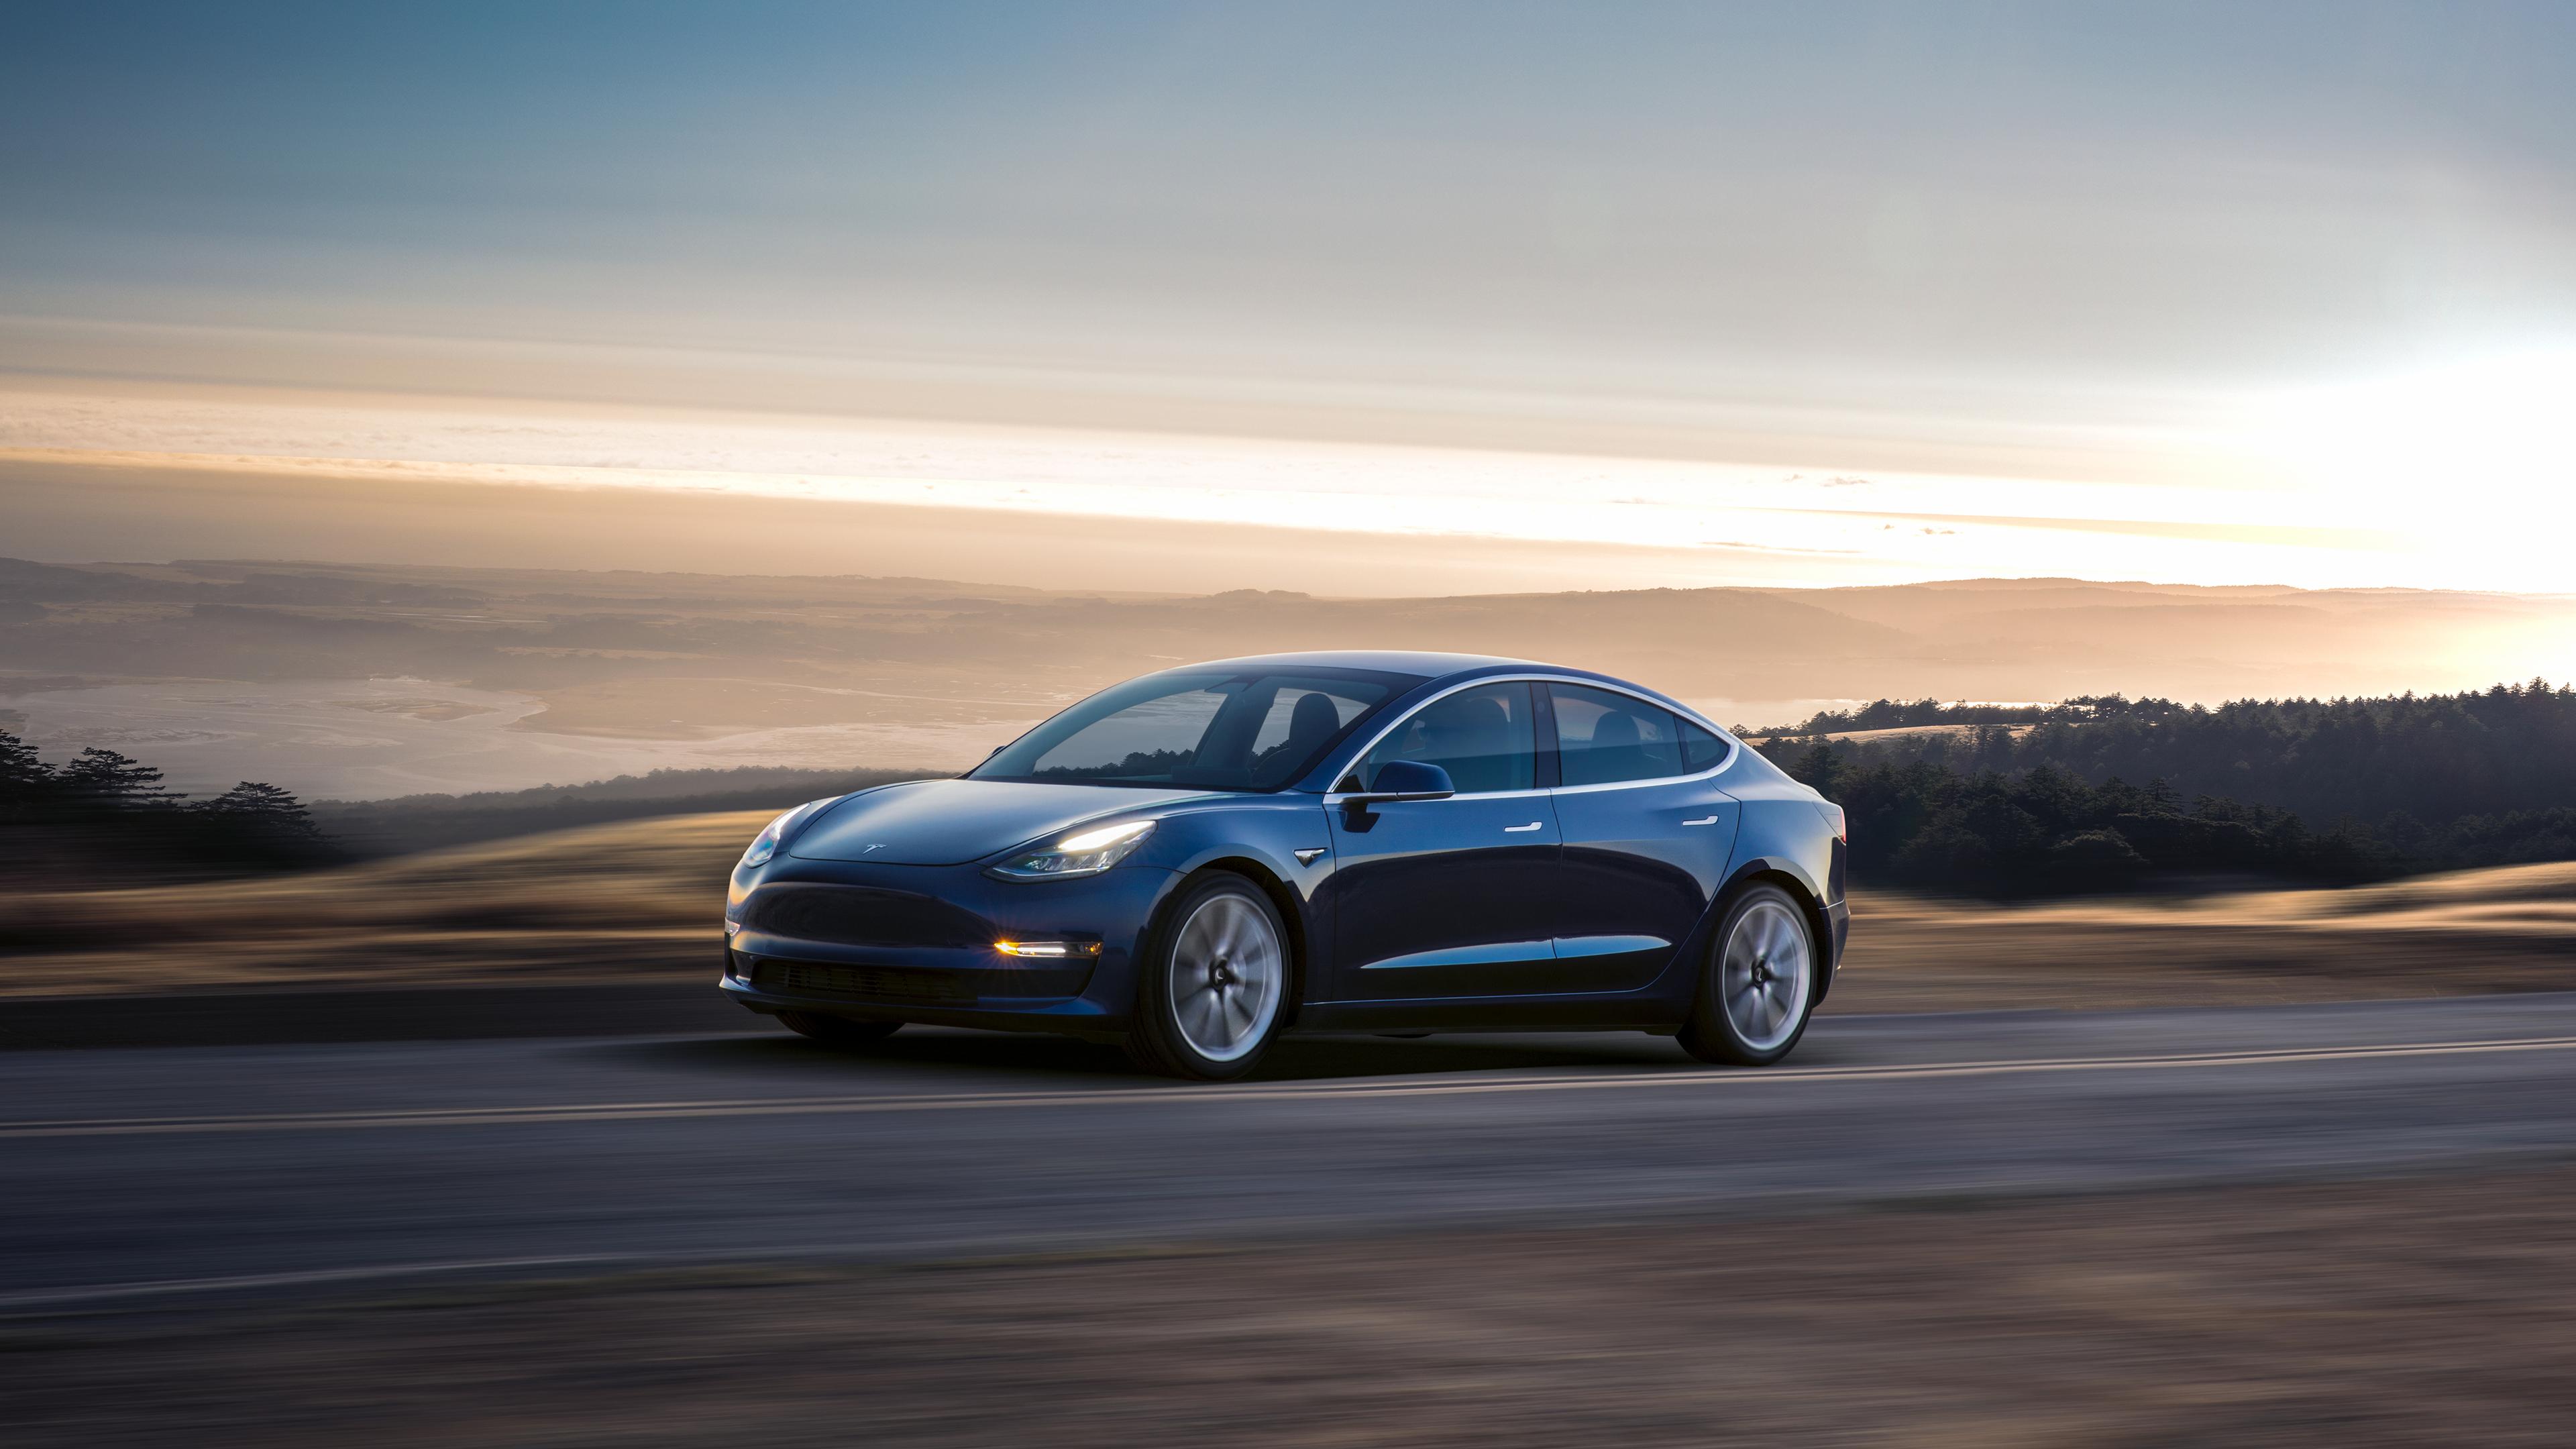 カリフォルニア州がガソリン車販売禁止へ 実現へ高いハードル